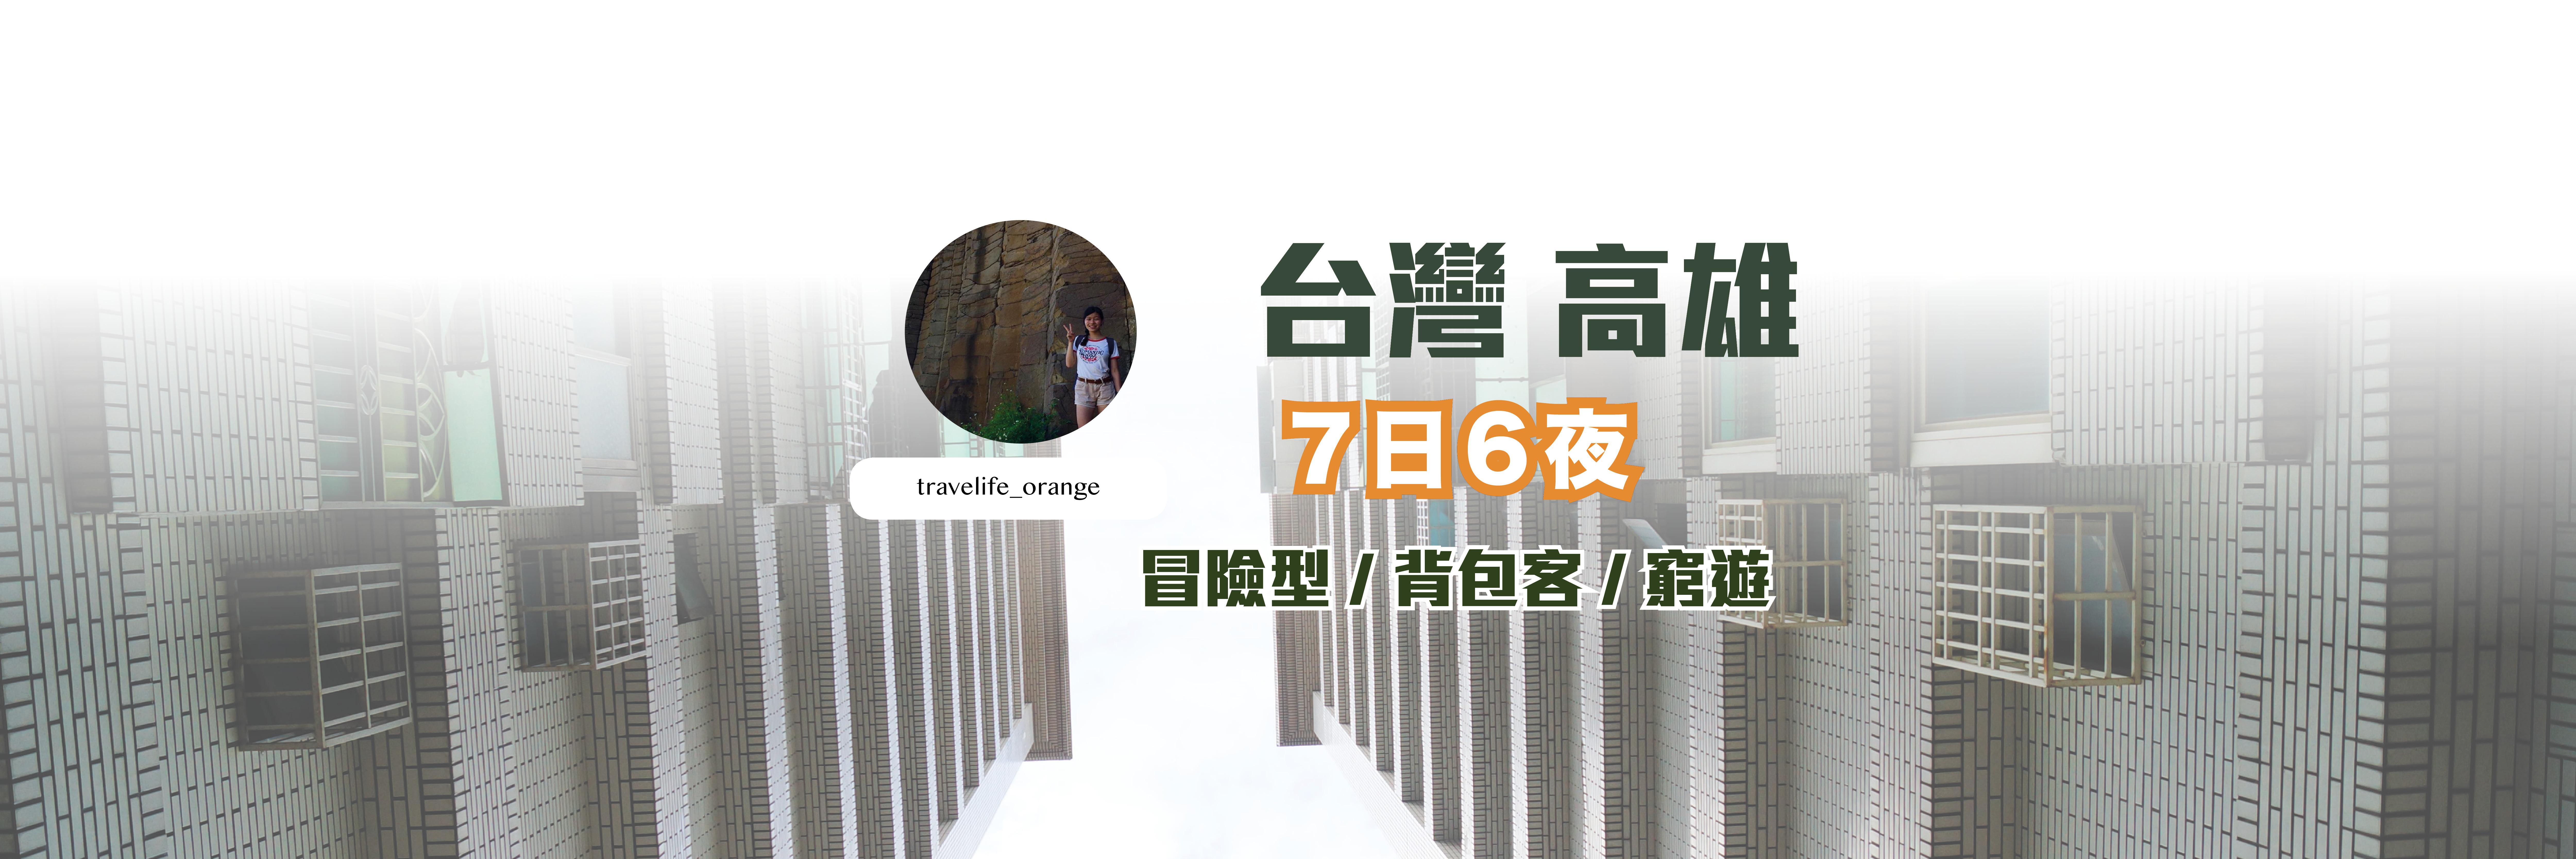 【台灣 高雄】 4日3夜行程 文化藝術體驗